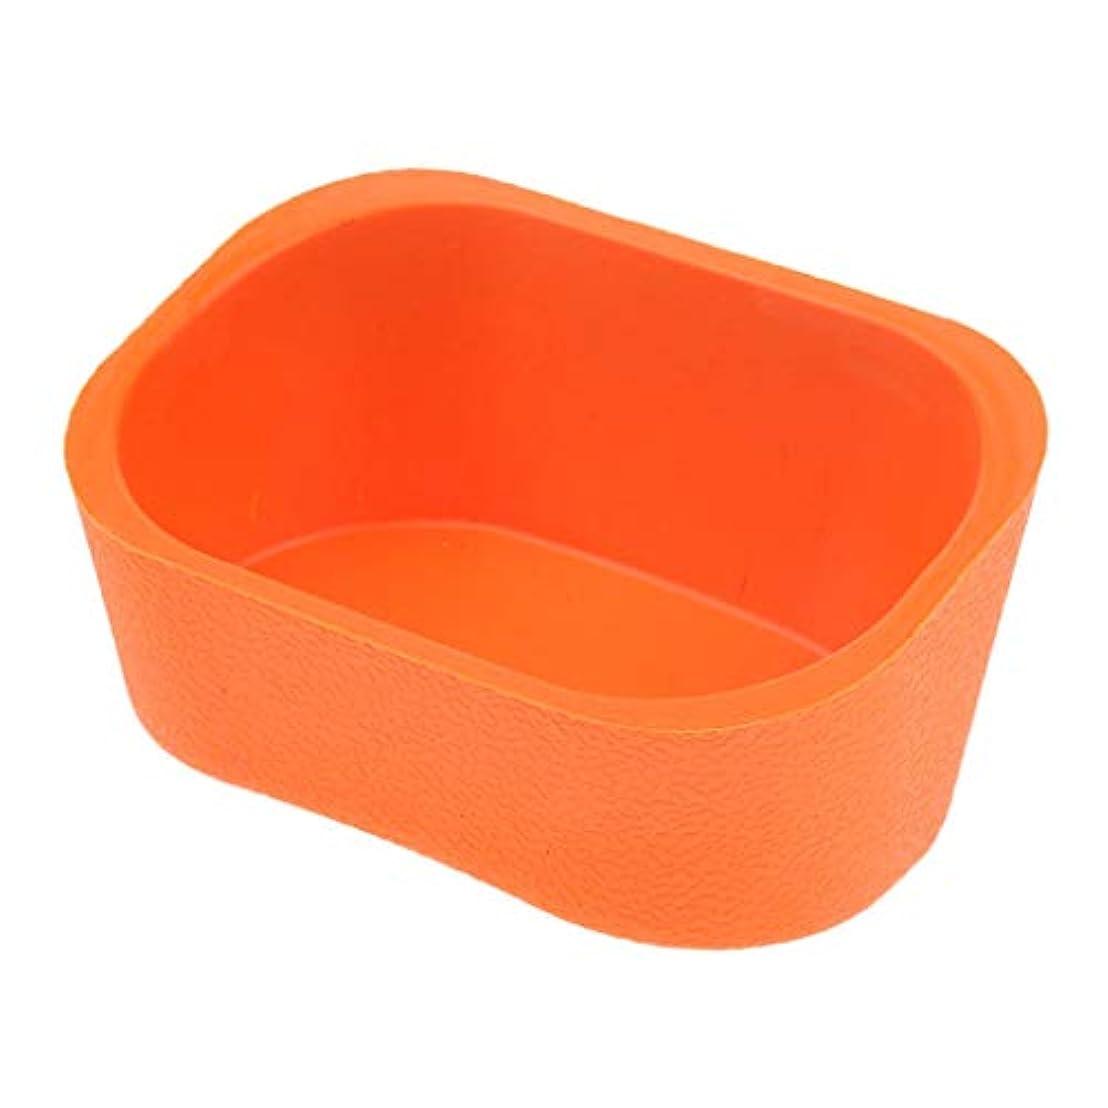 遅滞延ばす猟犬シャンプーボウル ネックレス クッション ピロー ヘアサロン ソフト シリコンゲル 5色選べ - オレンジ